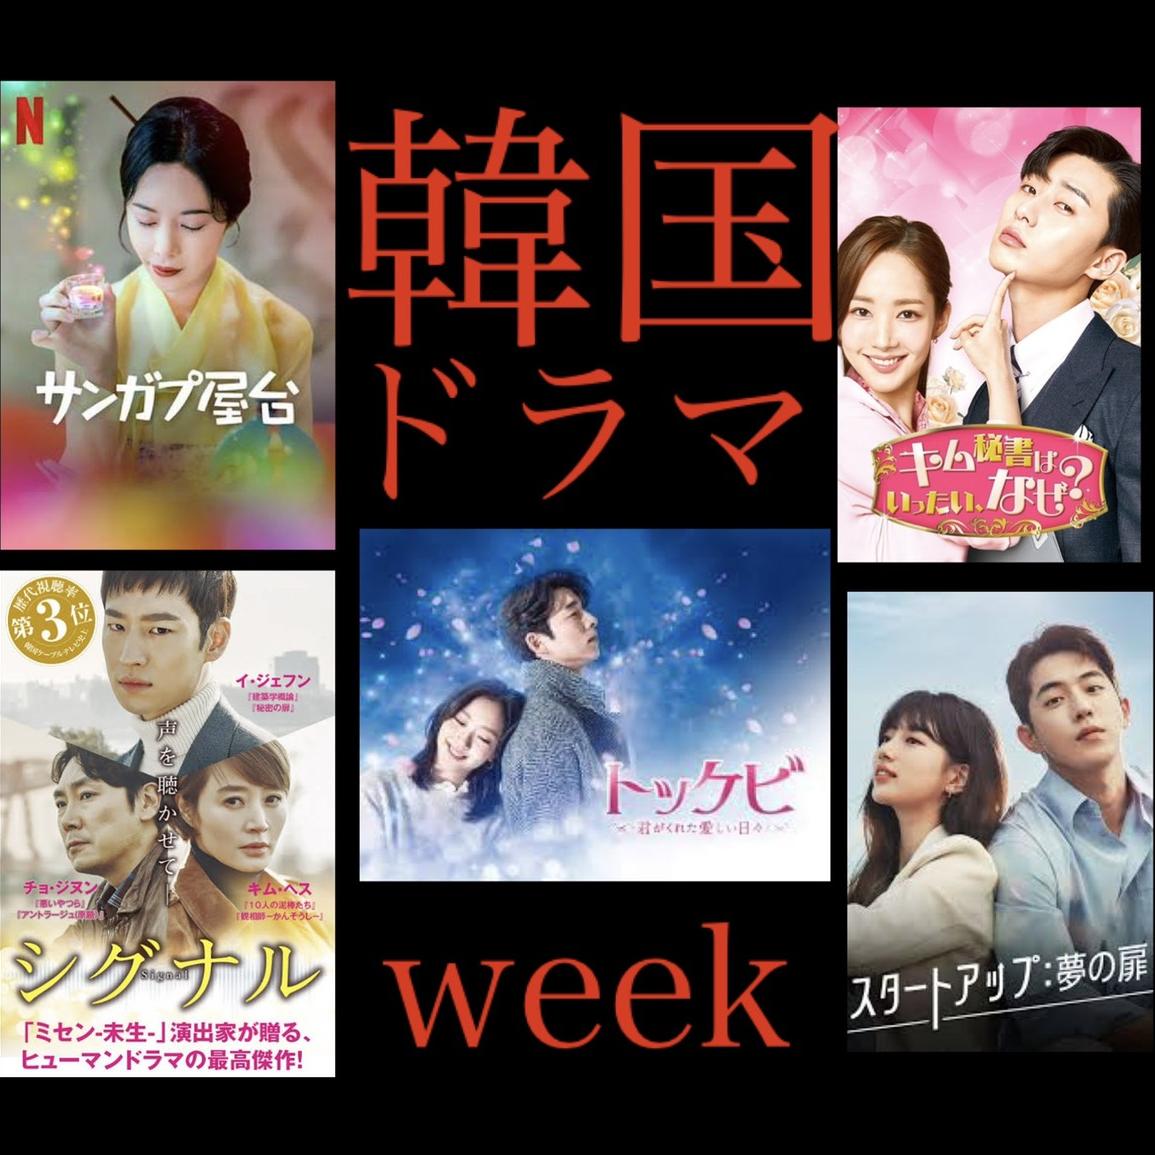 ゲイと女と「スタートアップ」韓国ドラマWEEK (5/5)